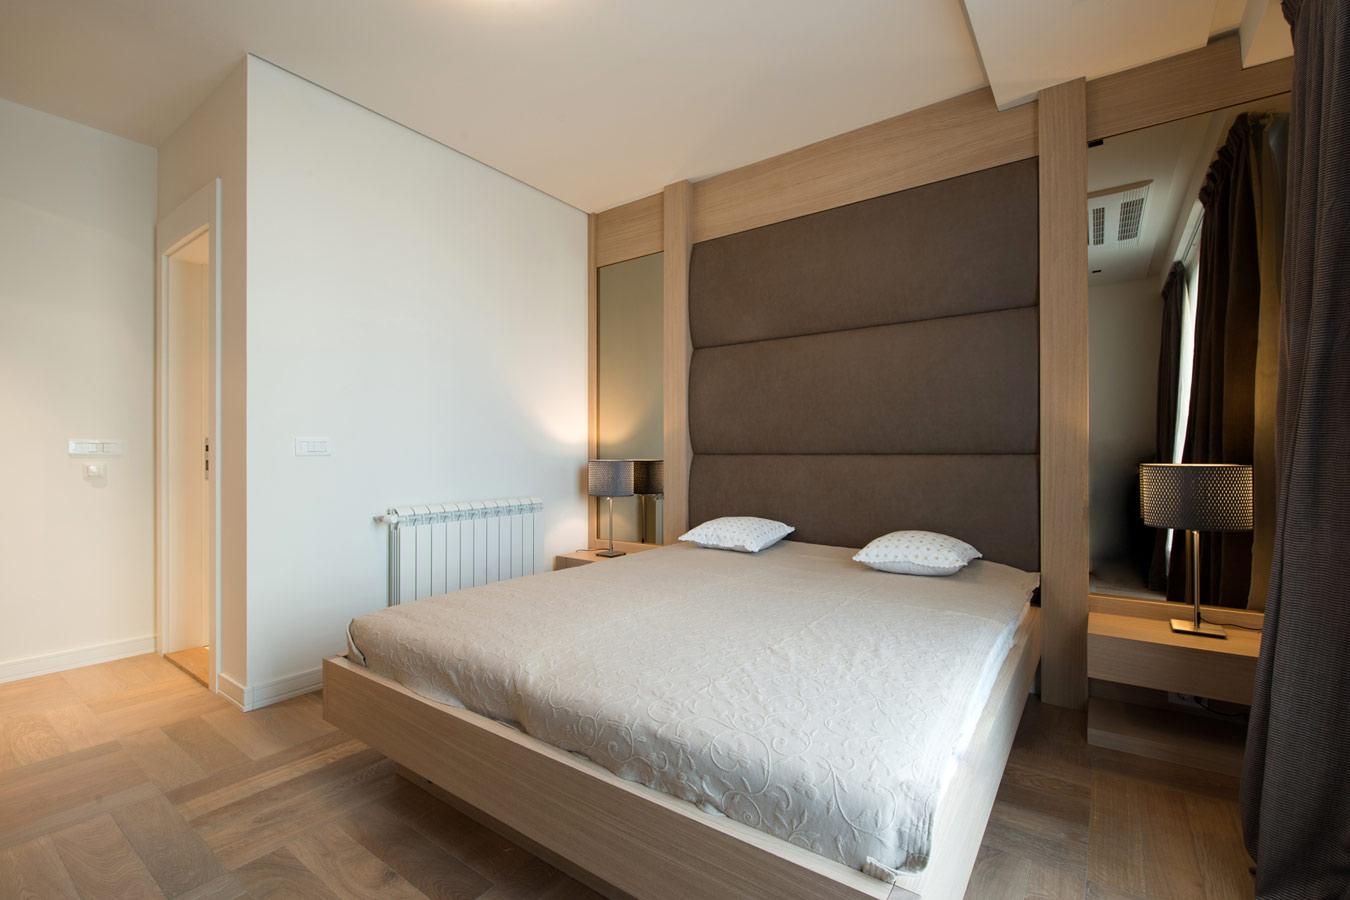 landelijke slaapkamer met parketvloer